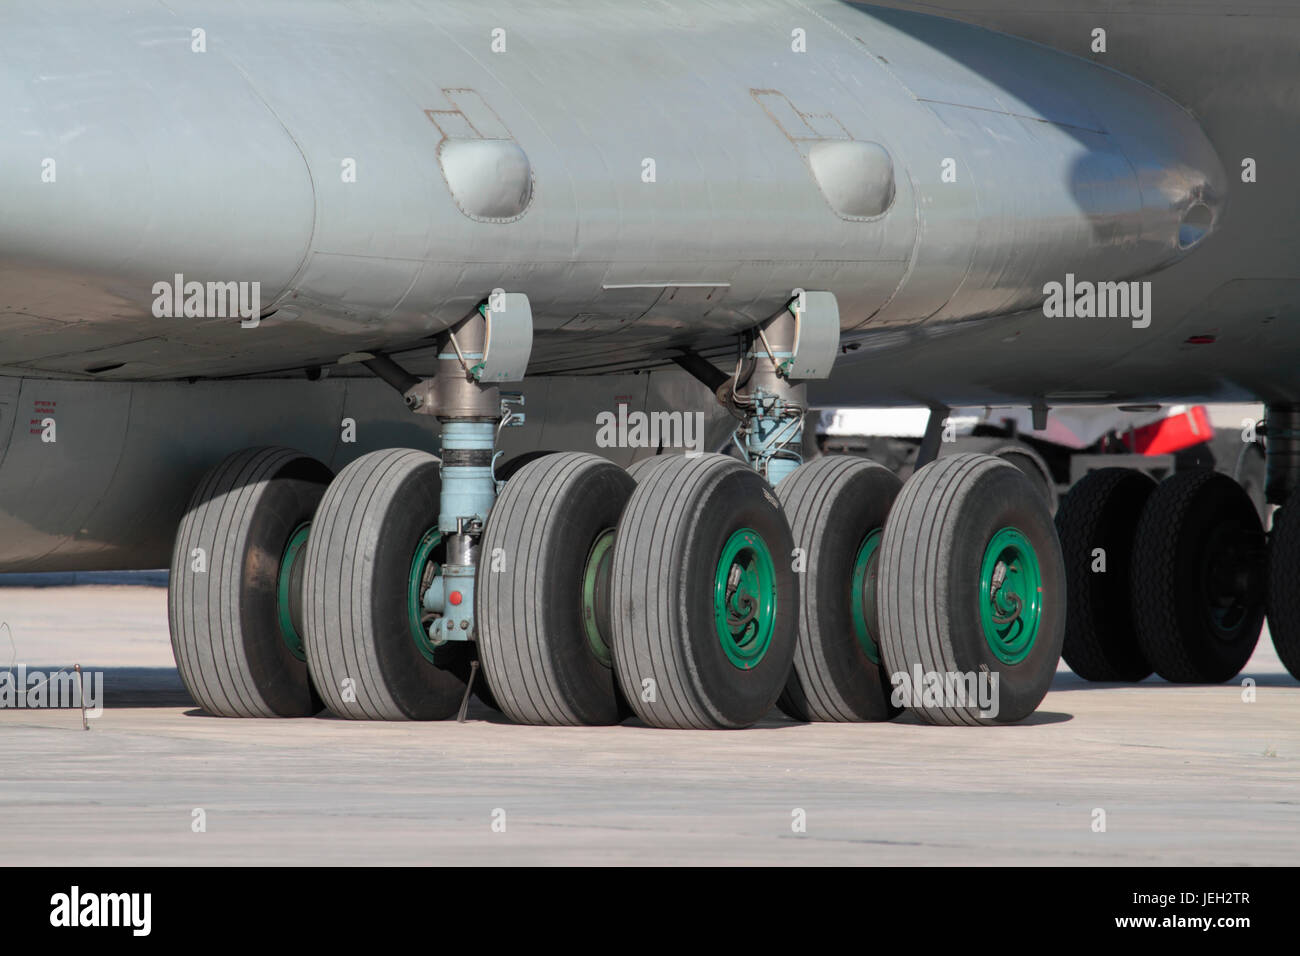 Diritto carrello principale di un Ilyushin Il-76 cargo aereo, mostrando twin sottocarro gambe con quattro ruote Immagini Stock